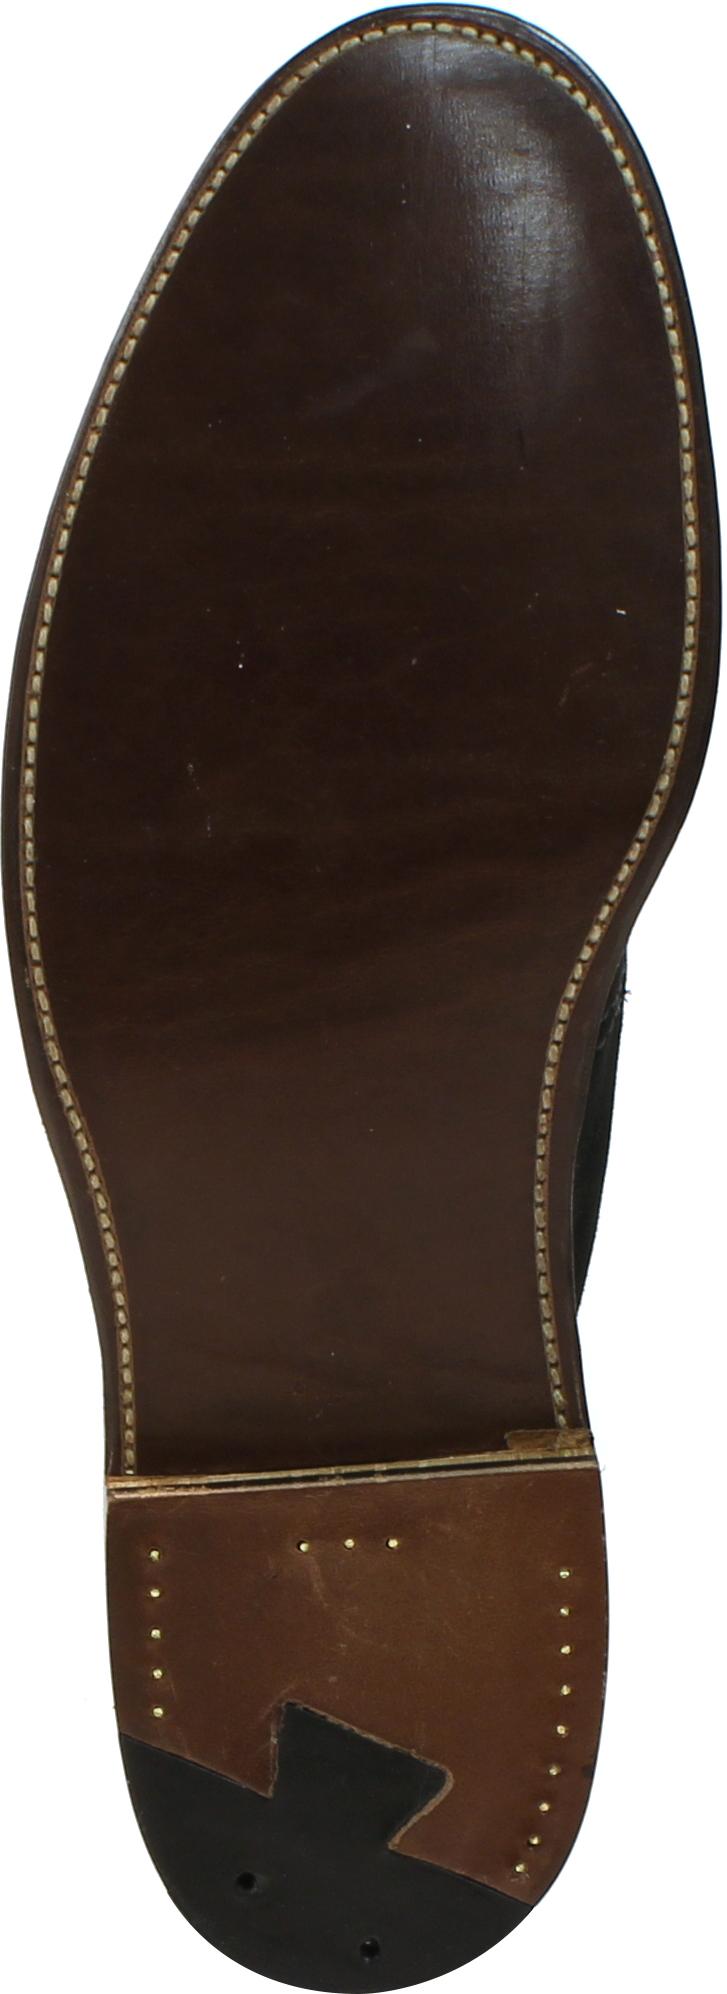 198b72d325f 1497 - Alden Unlined Chukka Boot Flex Welt - Black Suede